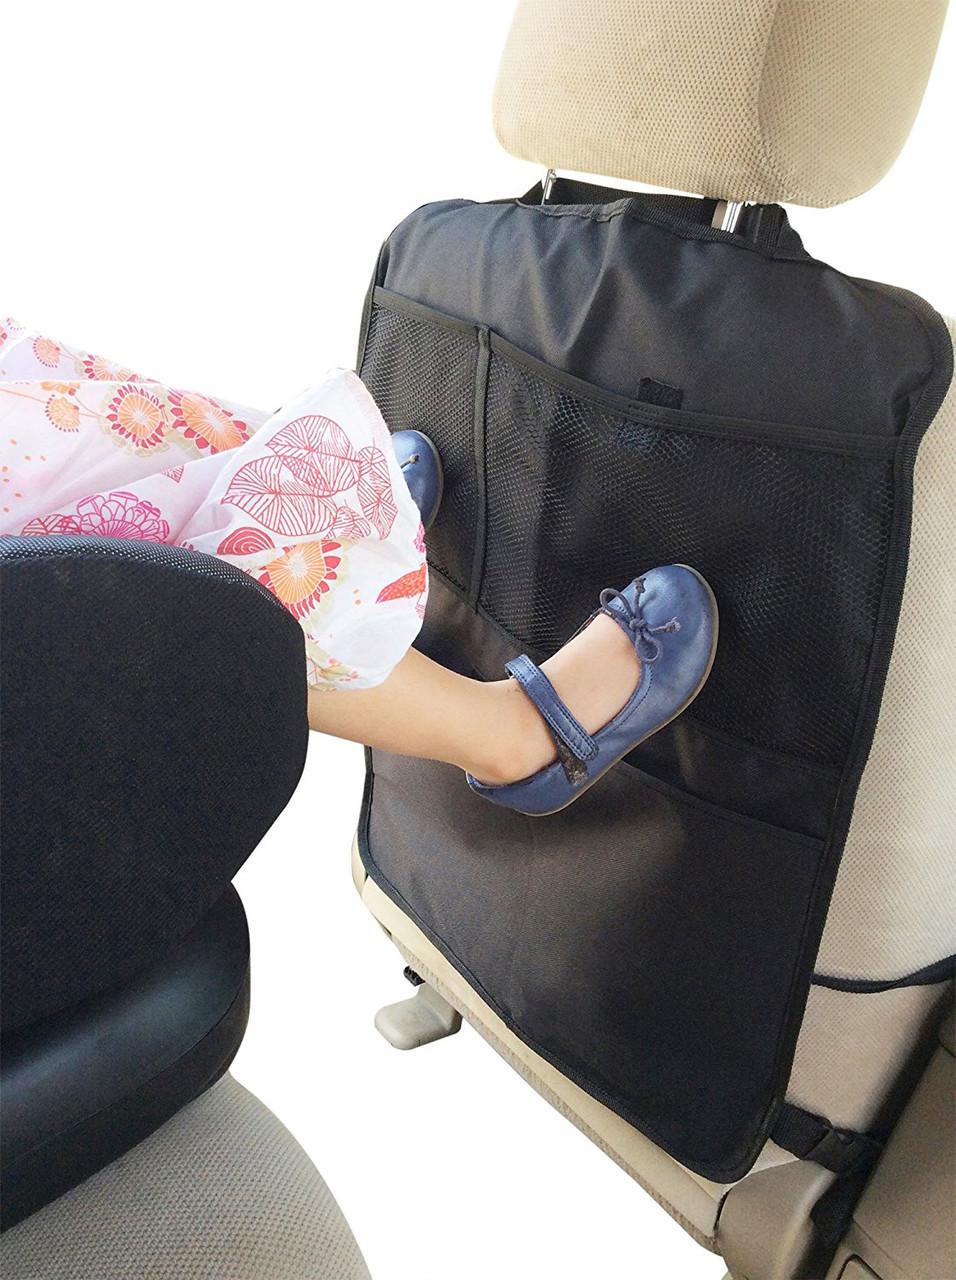 Защитный чехол на спинку переднего сиденья Идея подарка!